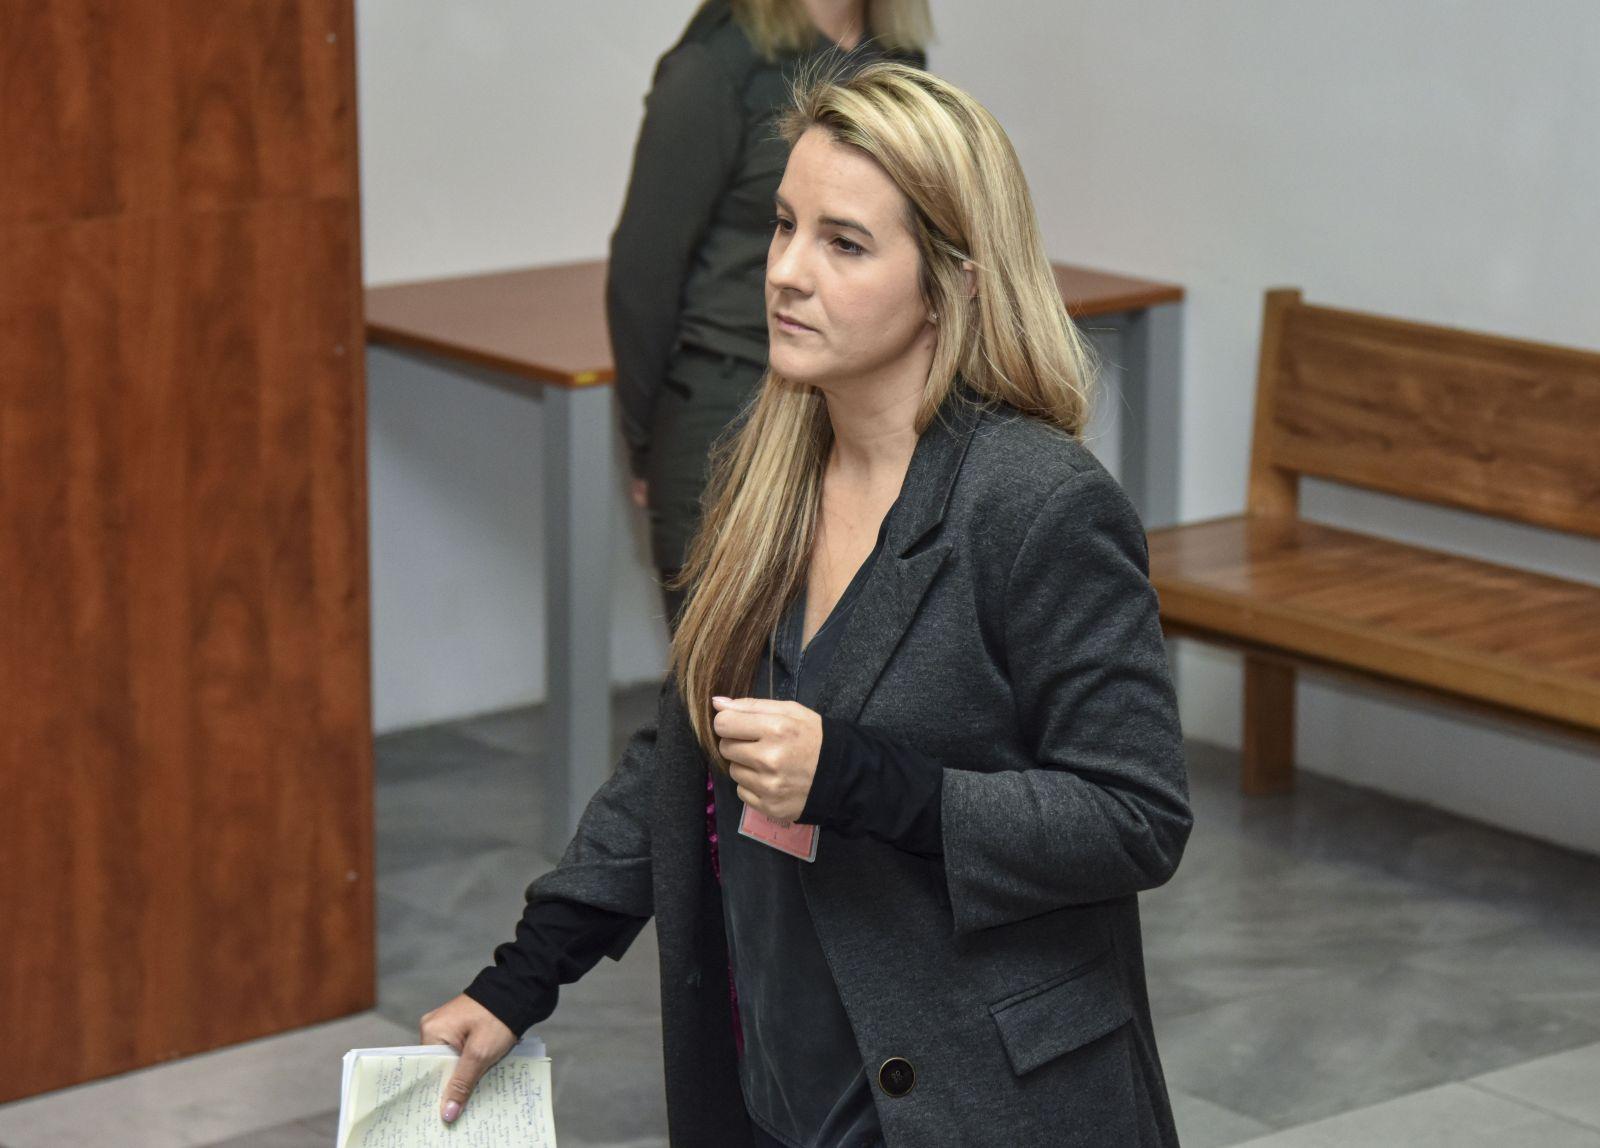 Zlom nastal, keď jej otca nazvali vrahom: Kočnerova dcéra na súde odmietala odpovedať na otázky o peniazoch